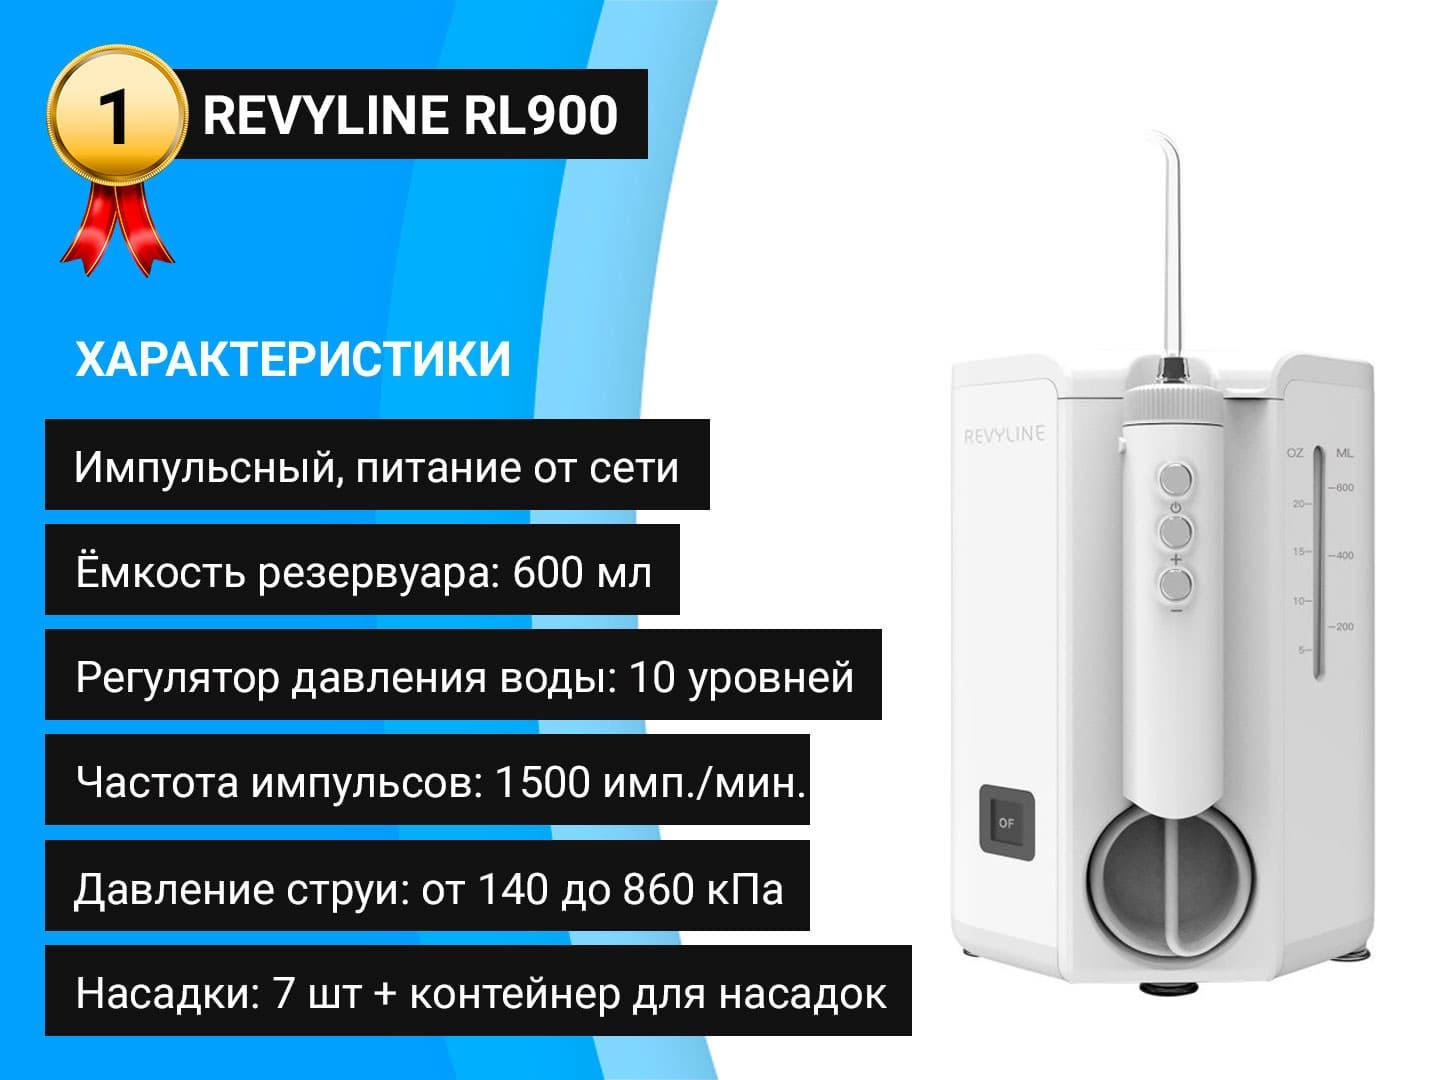 Revyline RL900